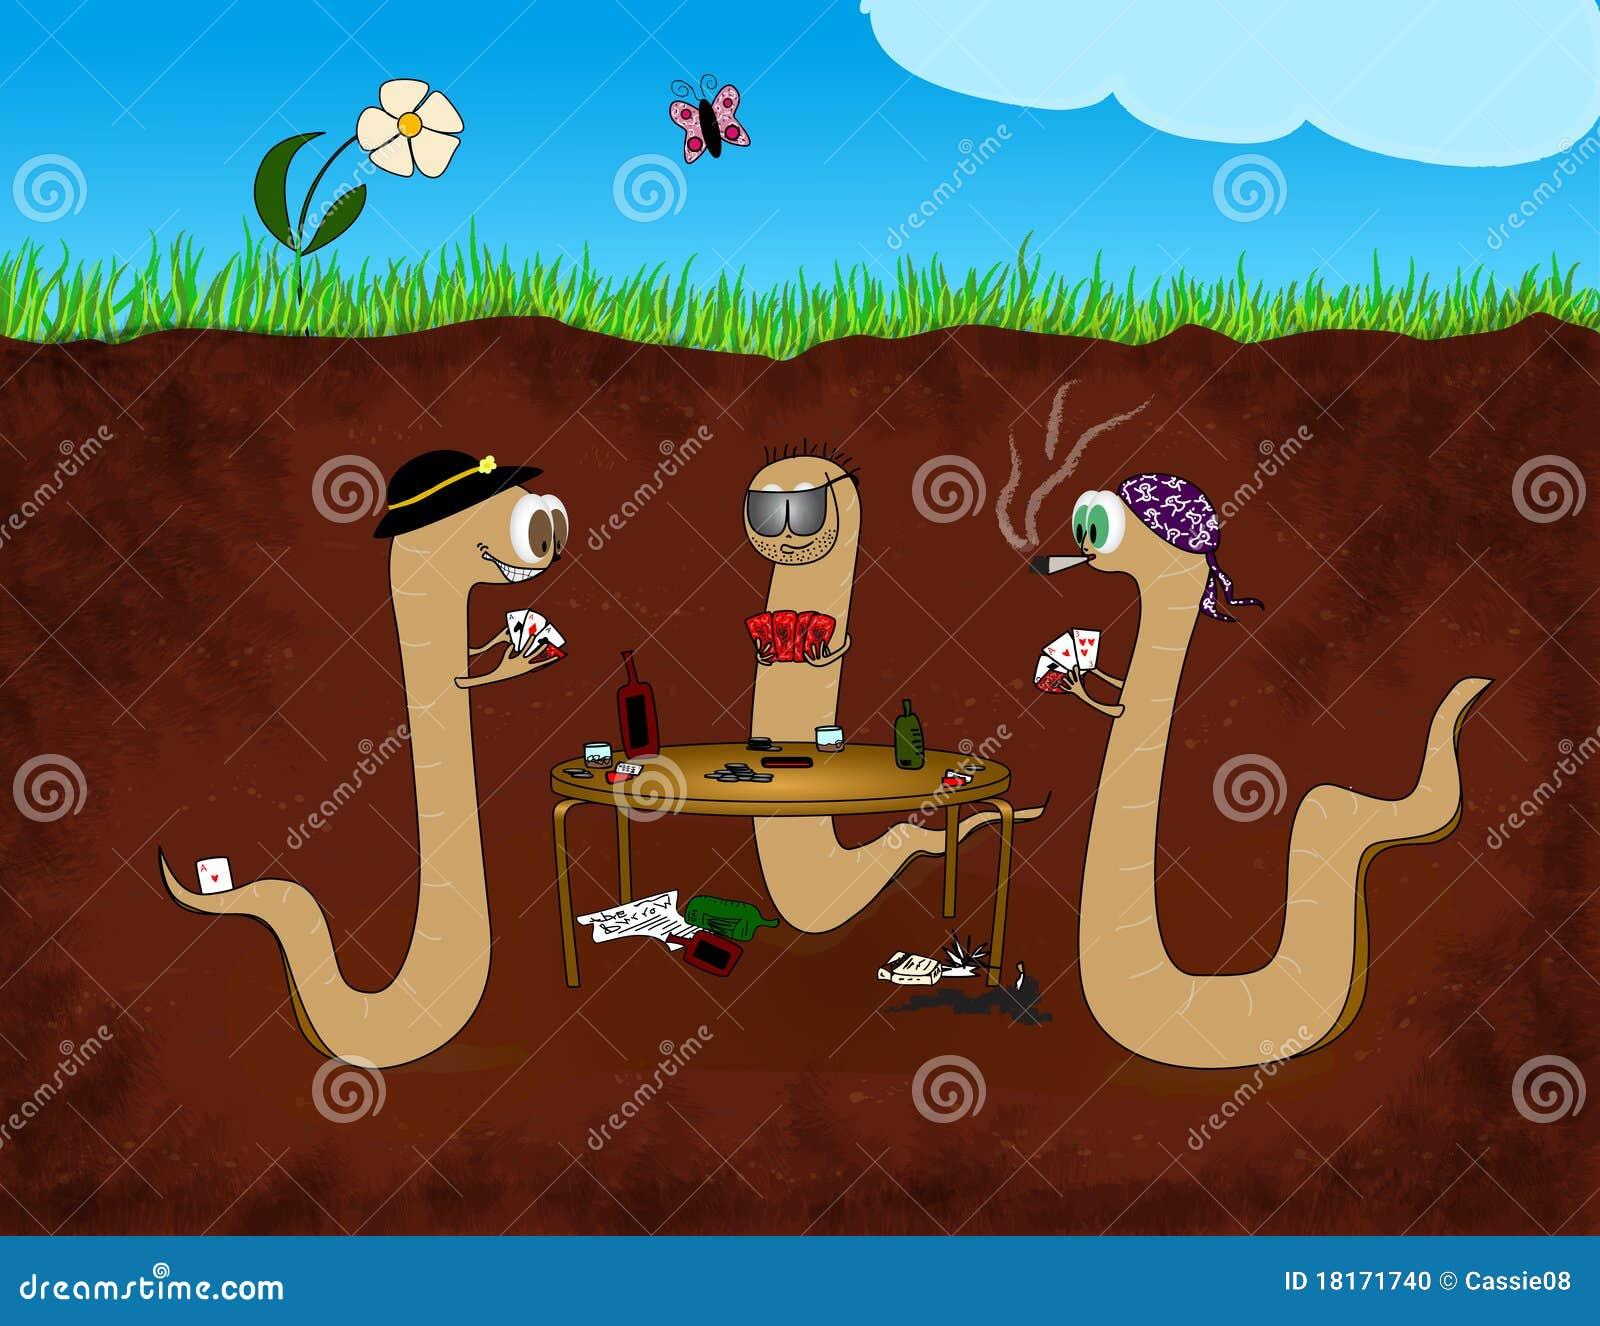 Dessin anim de tisonnier de ver de terre illustration stock illustration du v g tation - Dessin de ver de terre ...